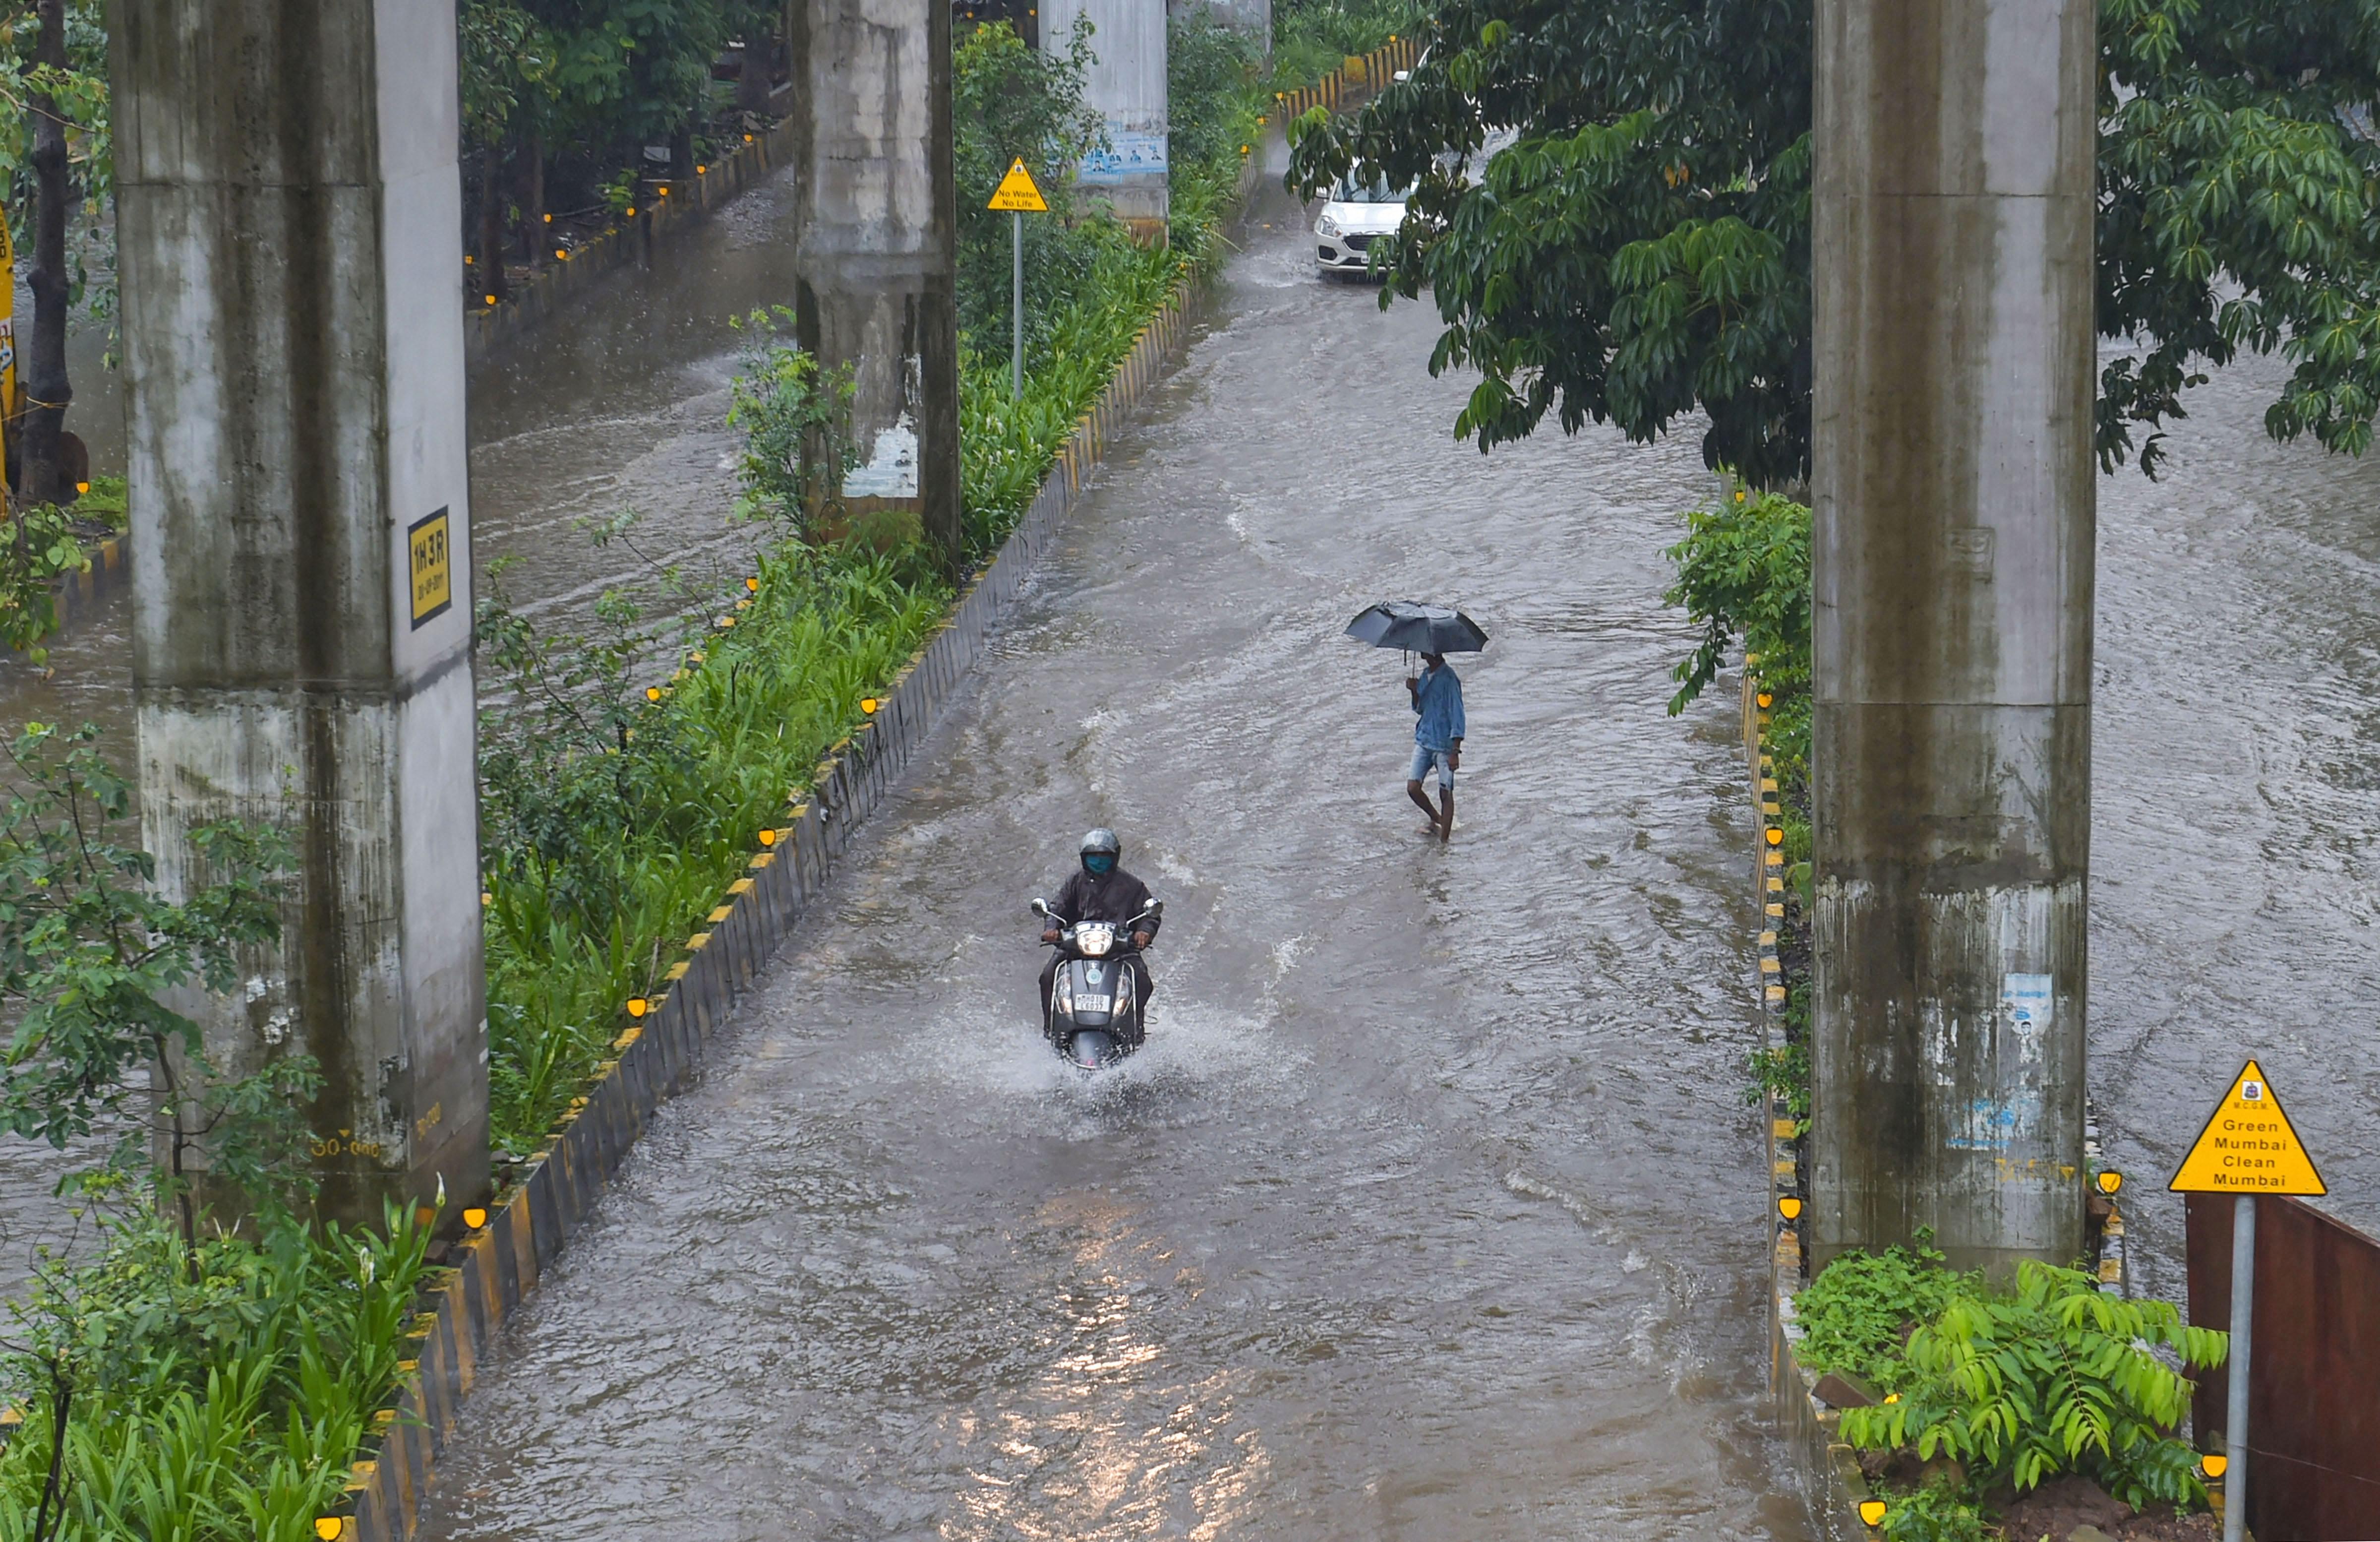 Heavy Rain Lashes Mumbai